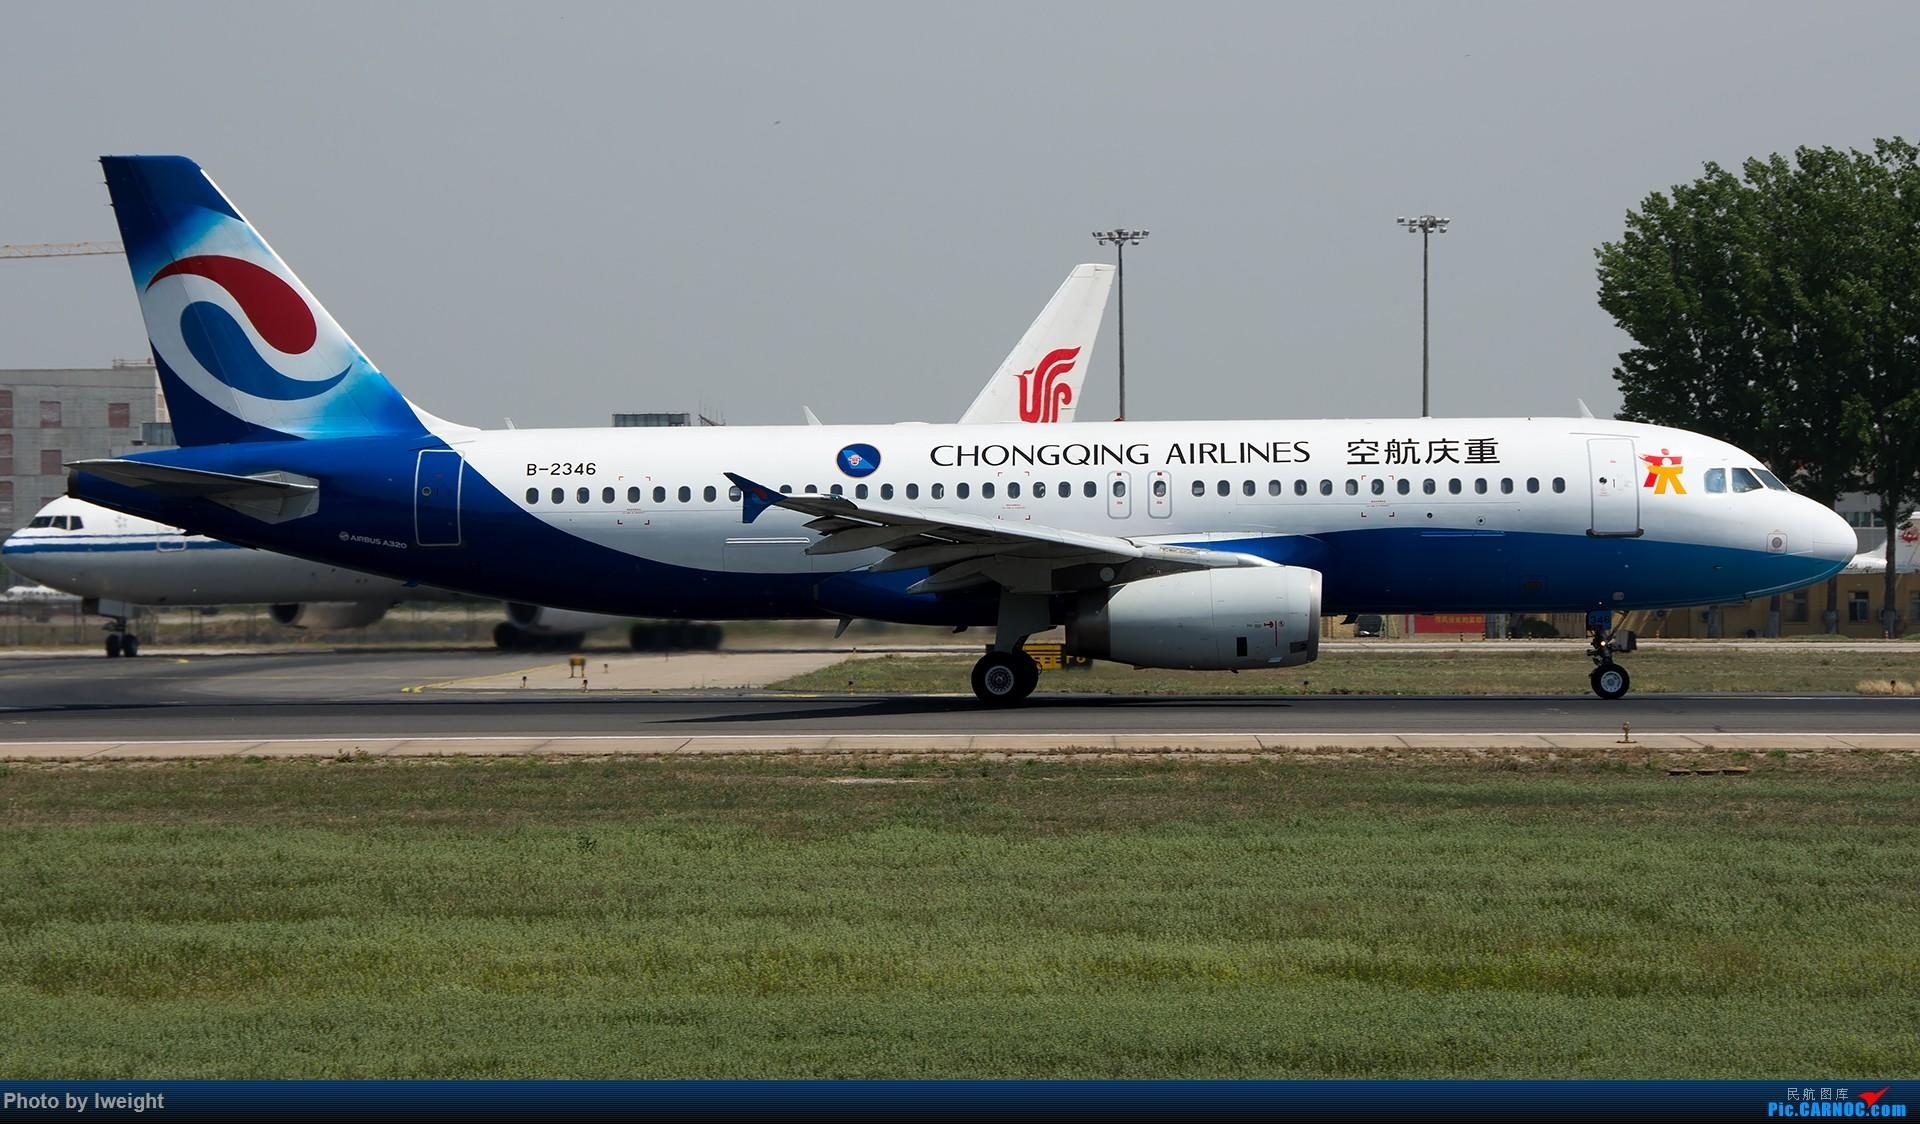 Re:[原创]天气晴朗,继续守候18R【多图】 AIRBUS A320-200 B-2346 中国北京首都国际机场